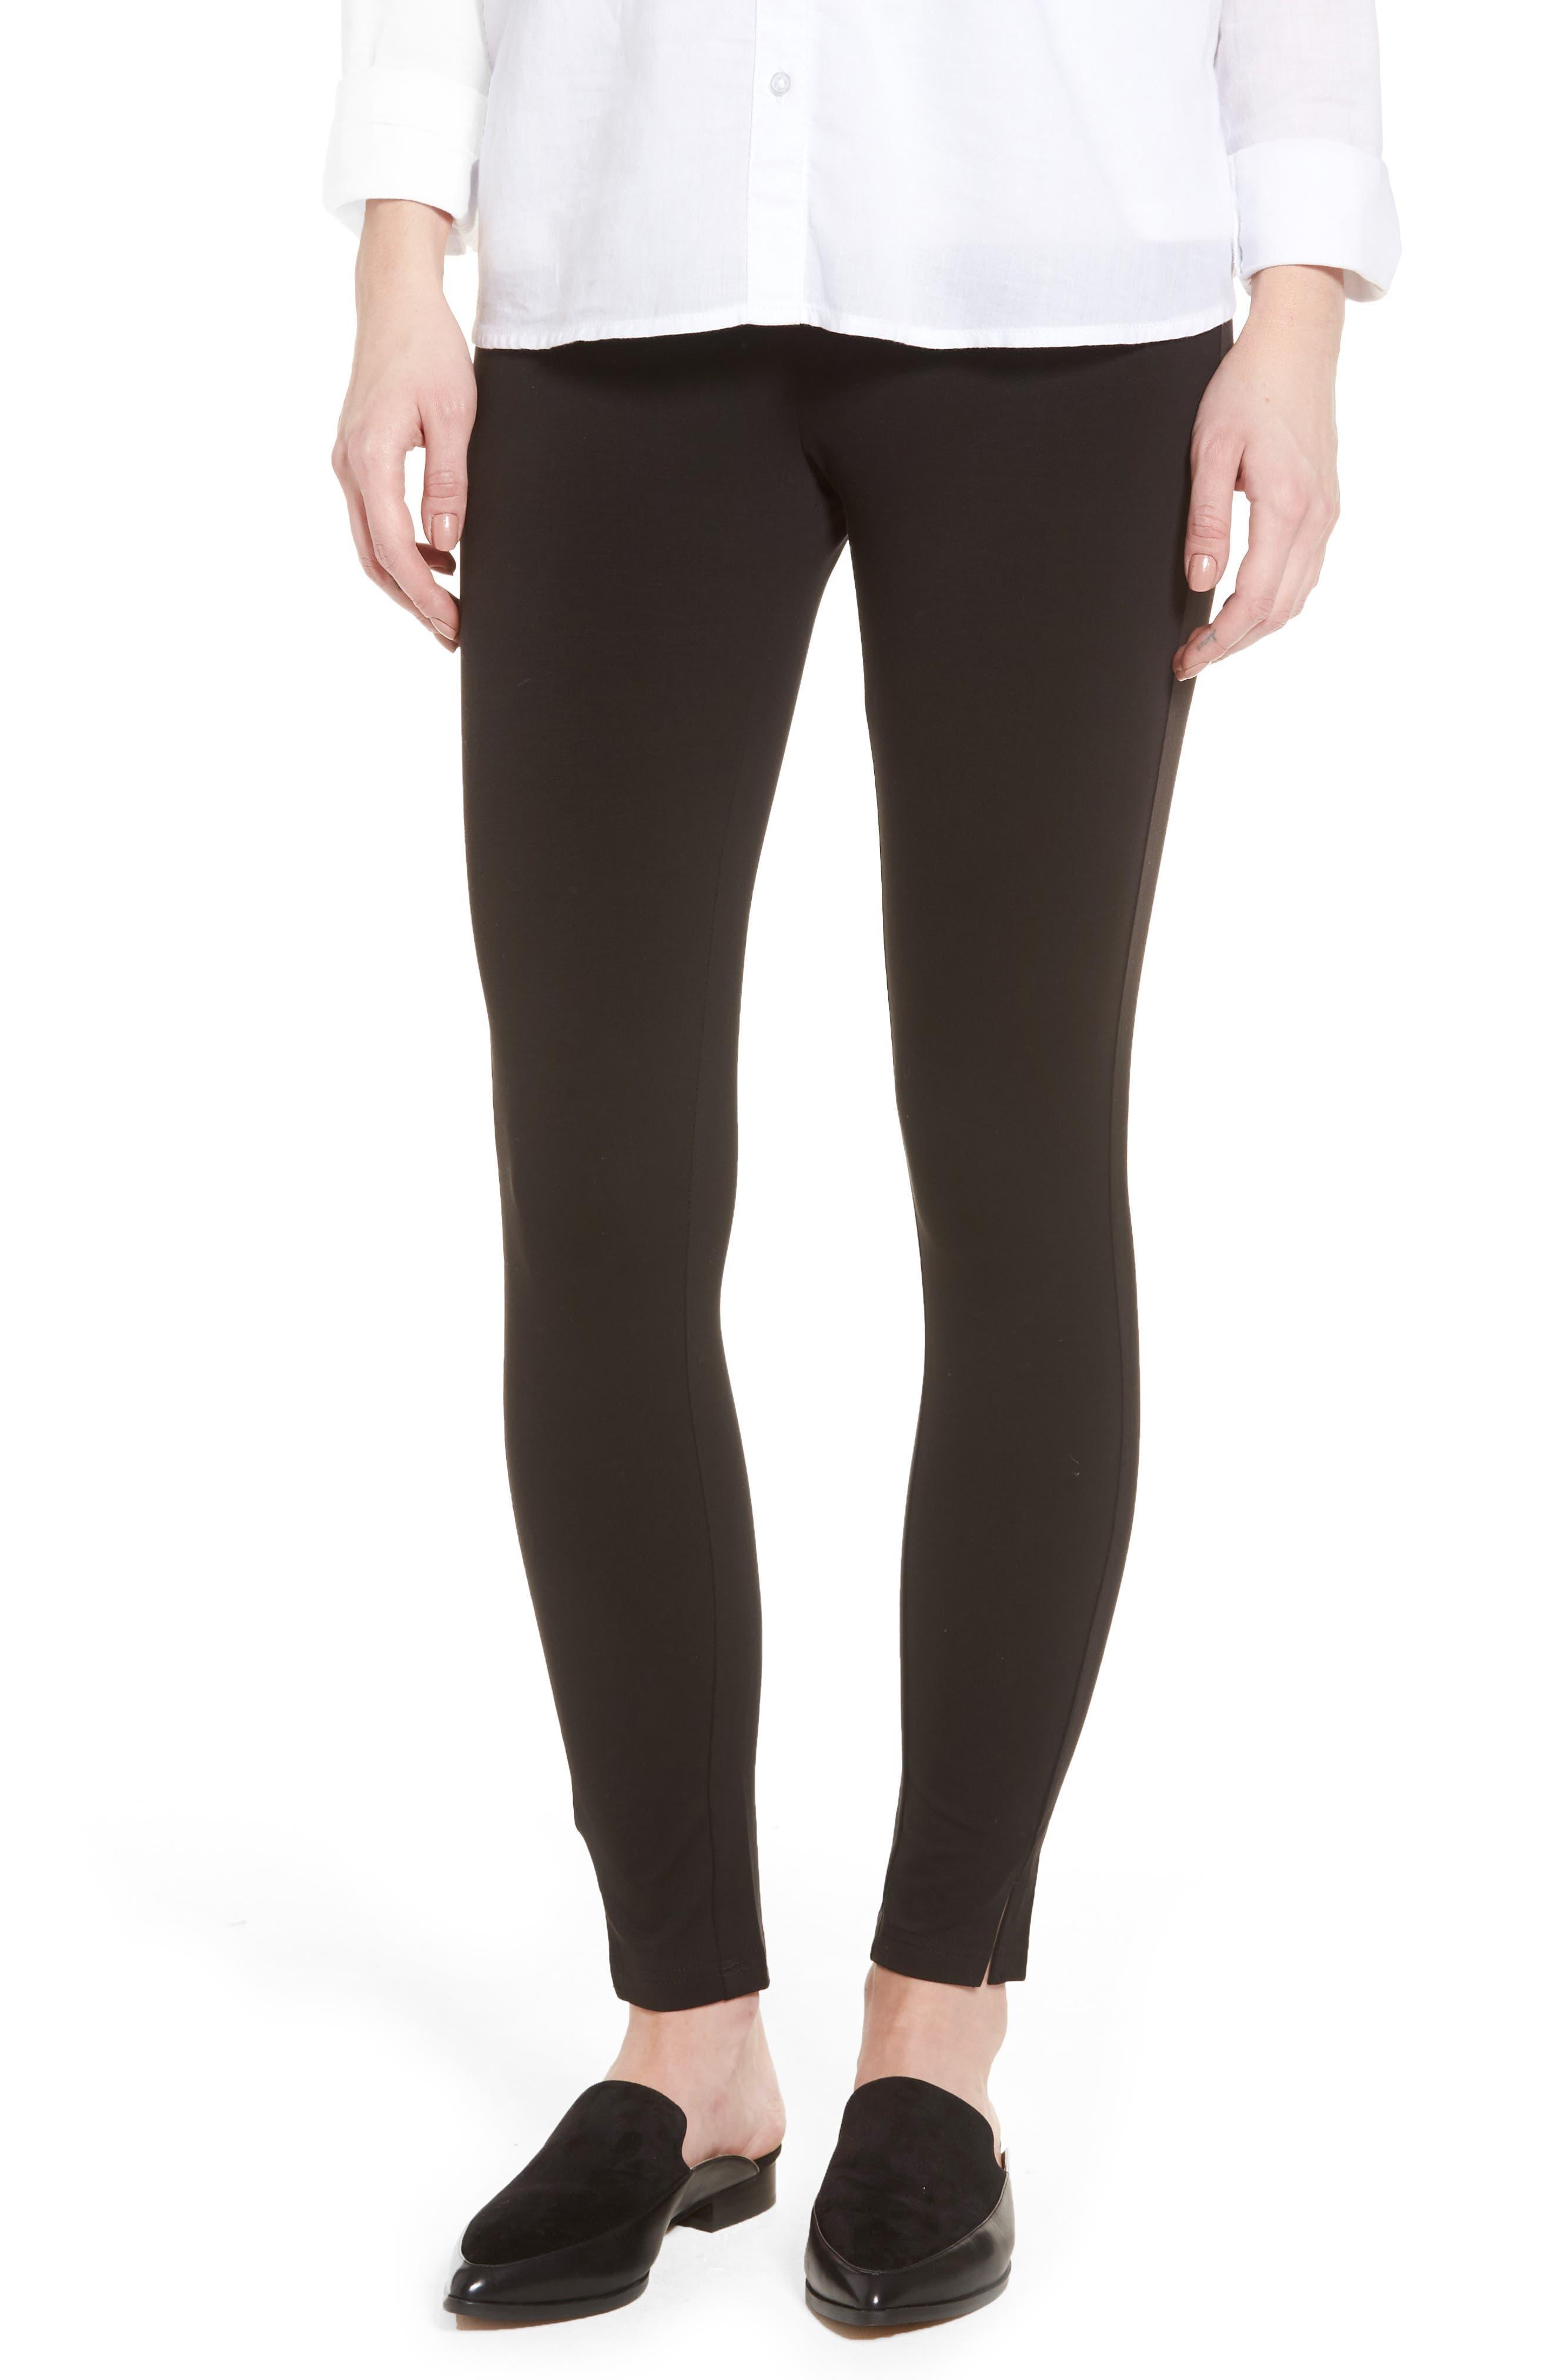 Mercerized Cotton Blend Leggings,                             Main thumbnail 1, color,                             Black